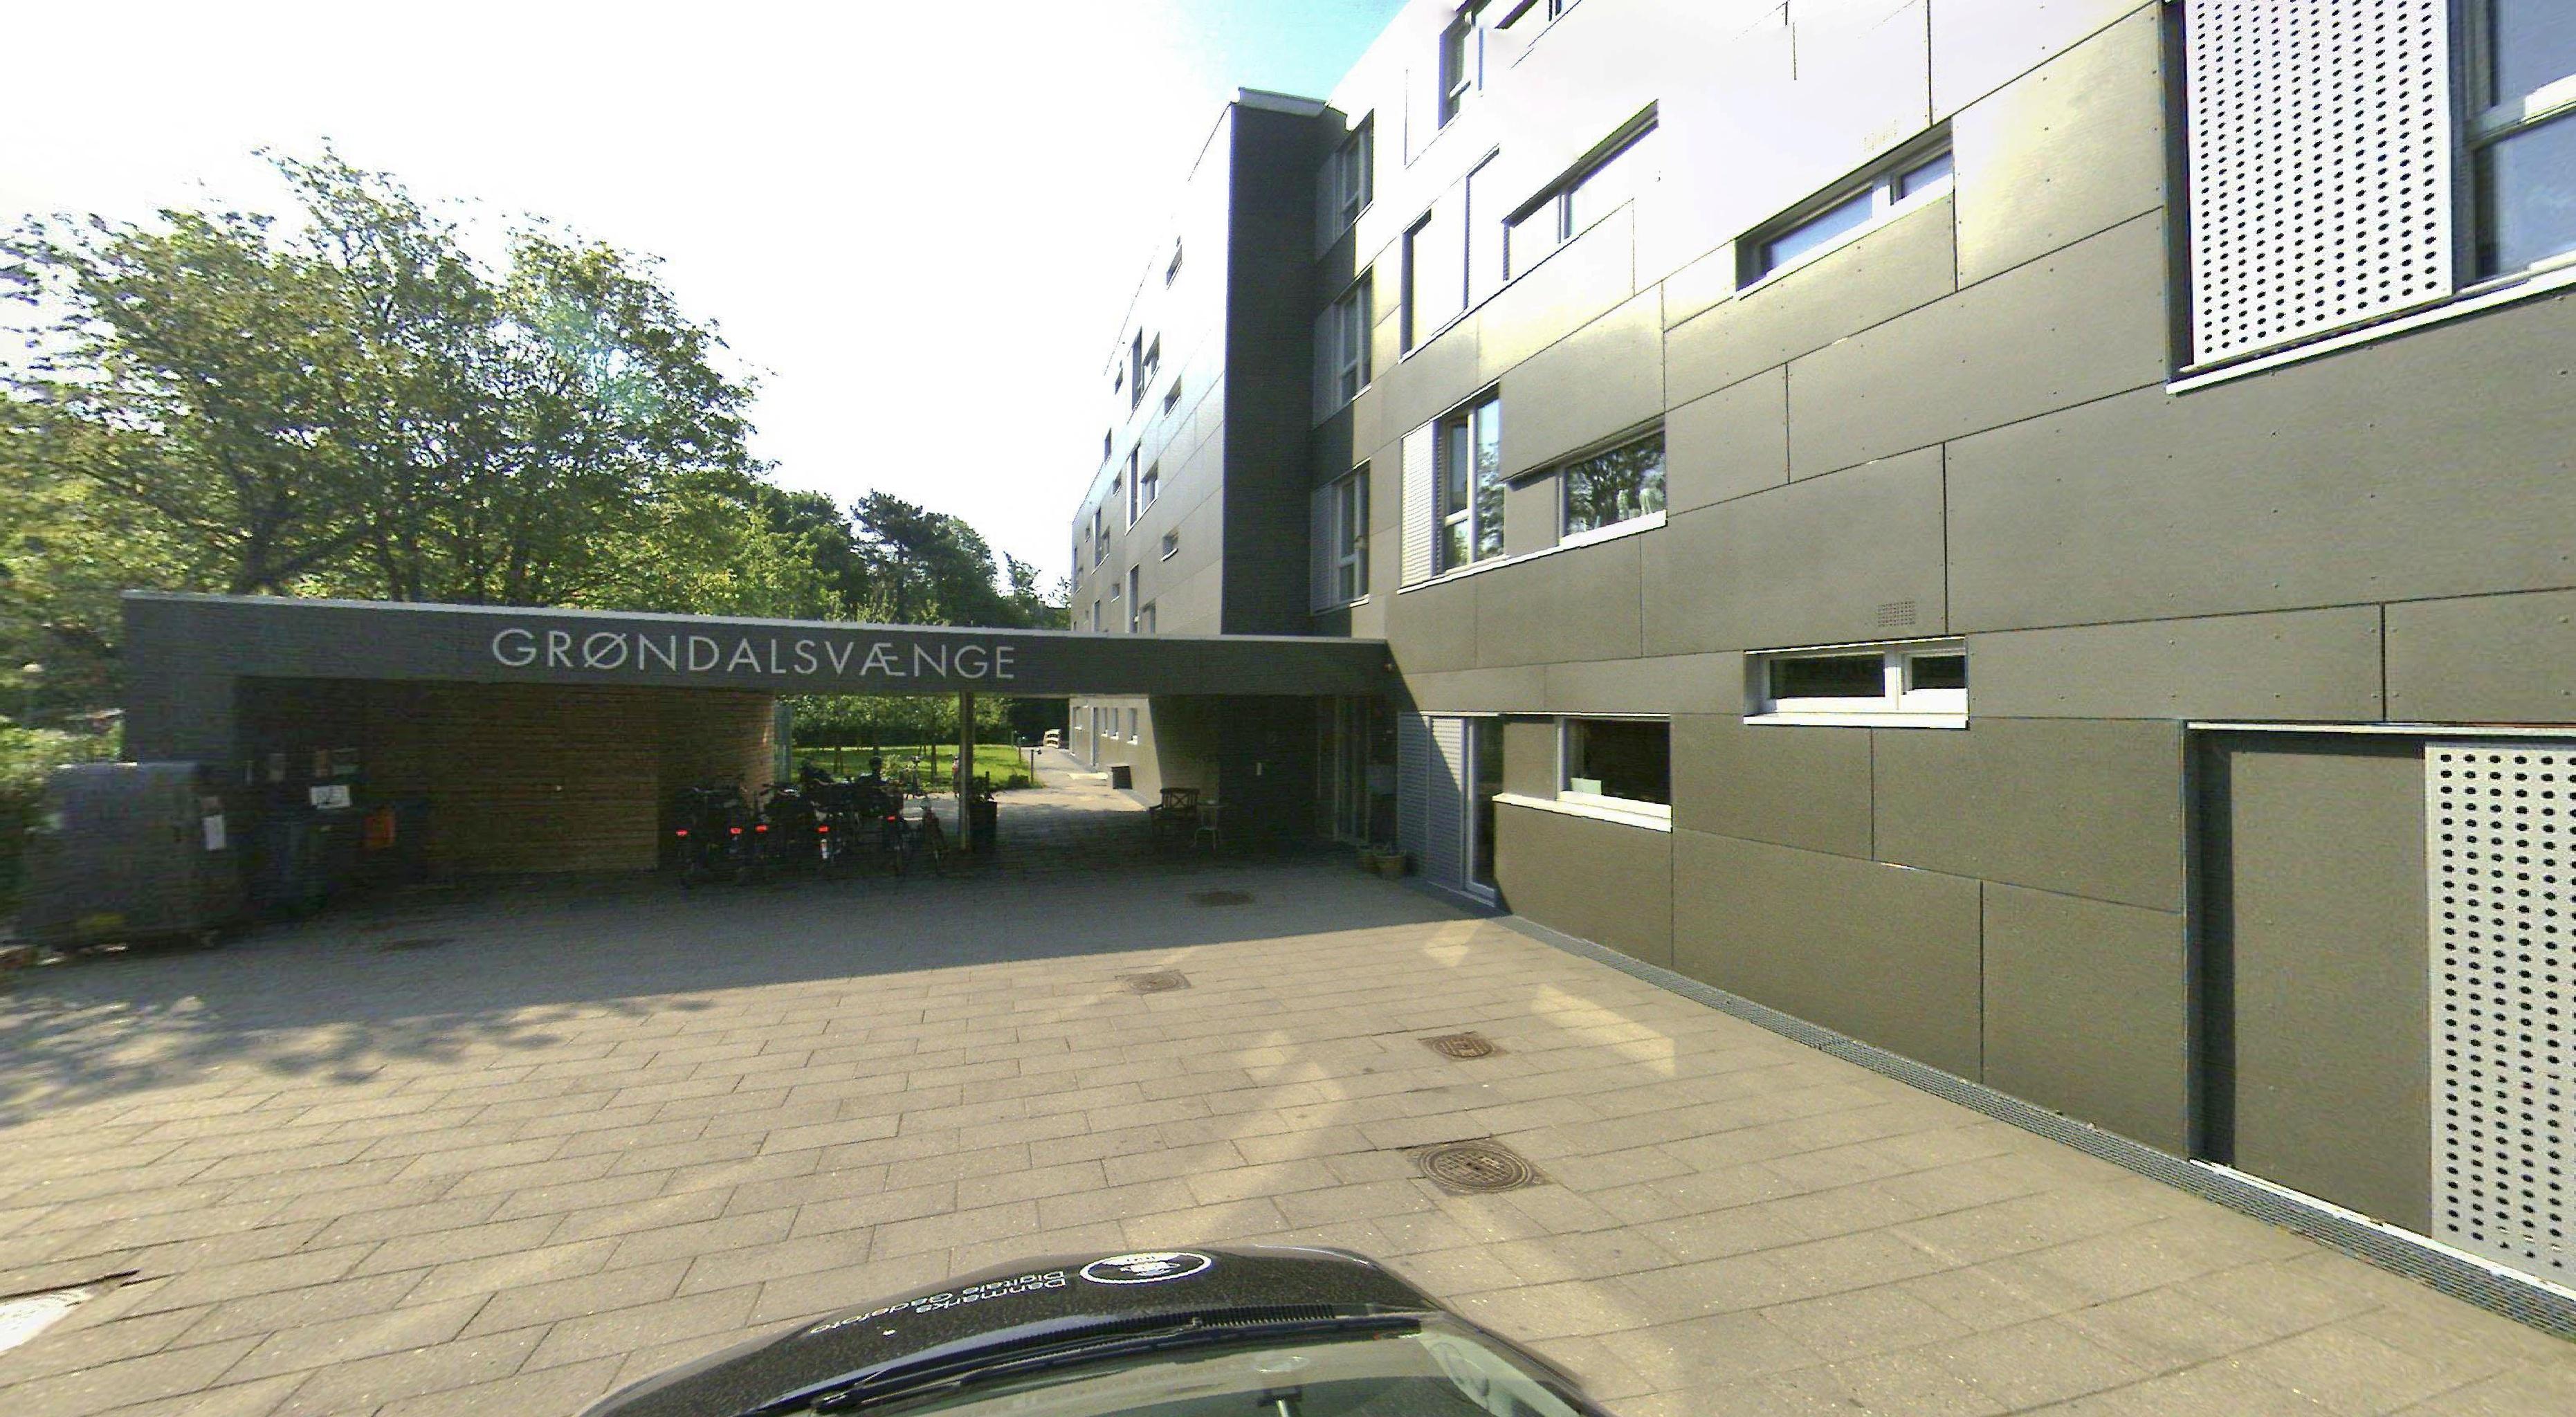 Boligafdeling Grøndalsvænge plejeboliger: Boligtype-1